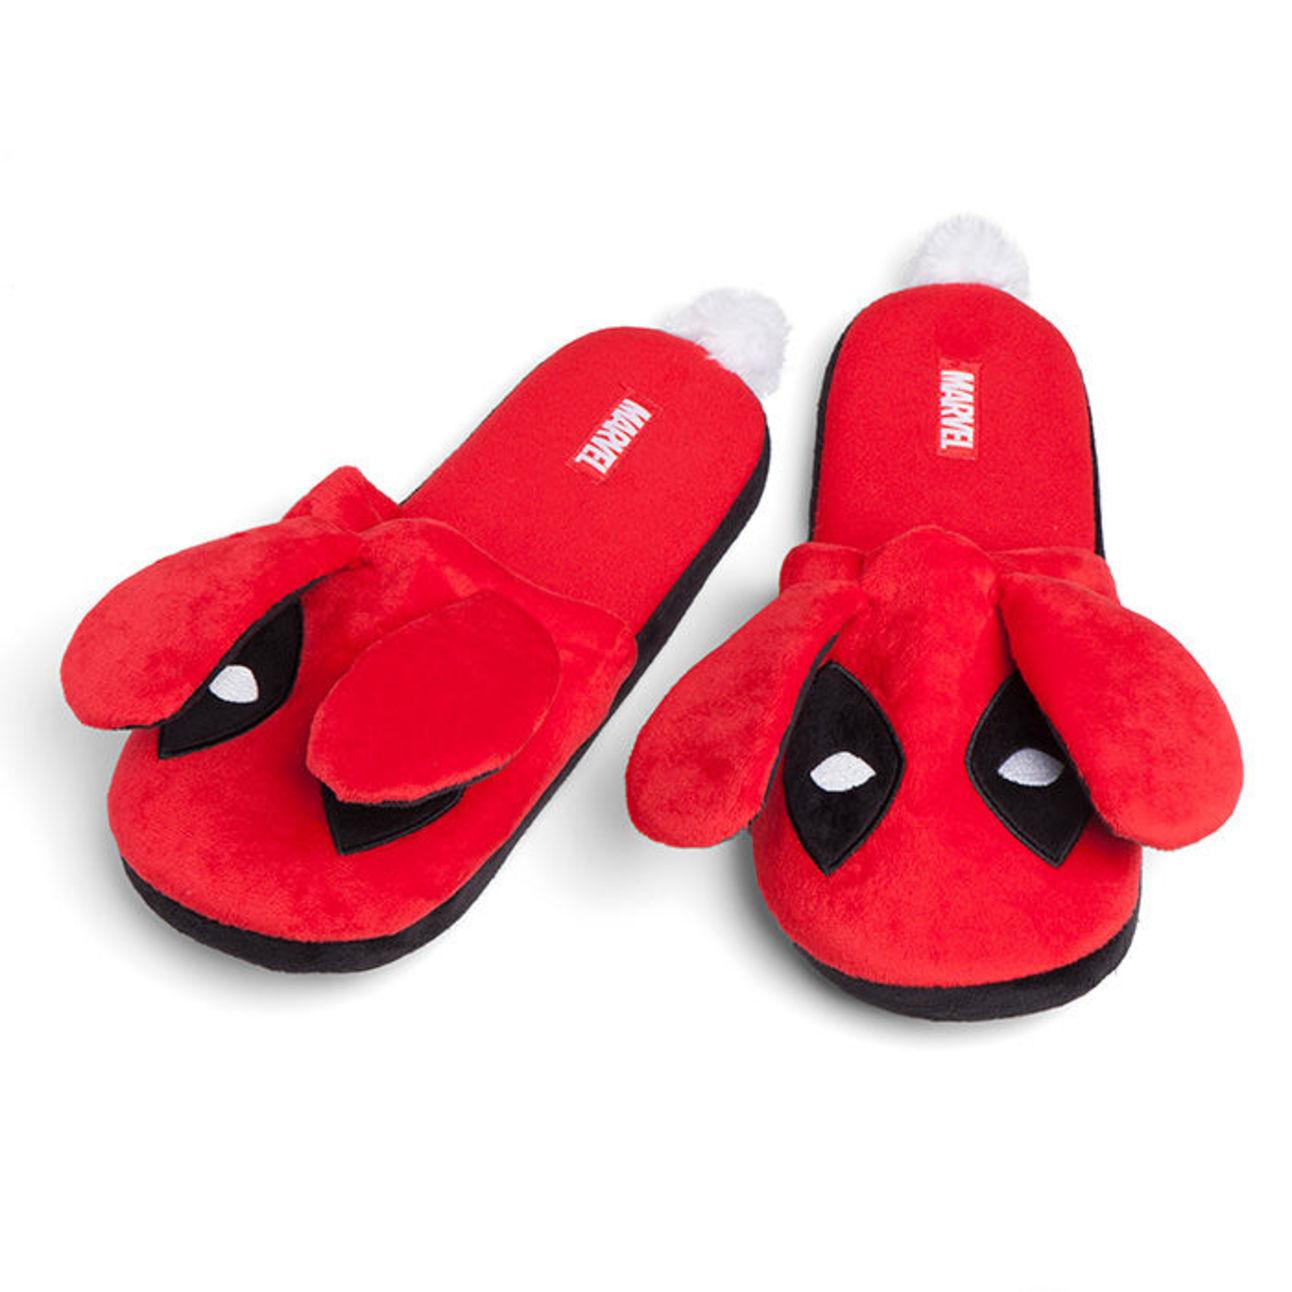 Deadpool Bunny Slippers